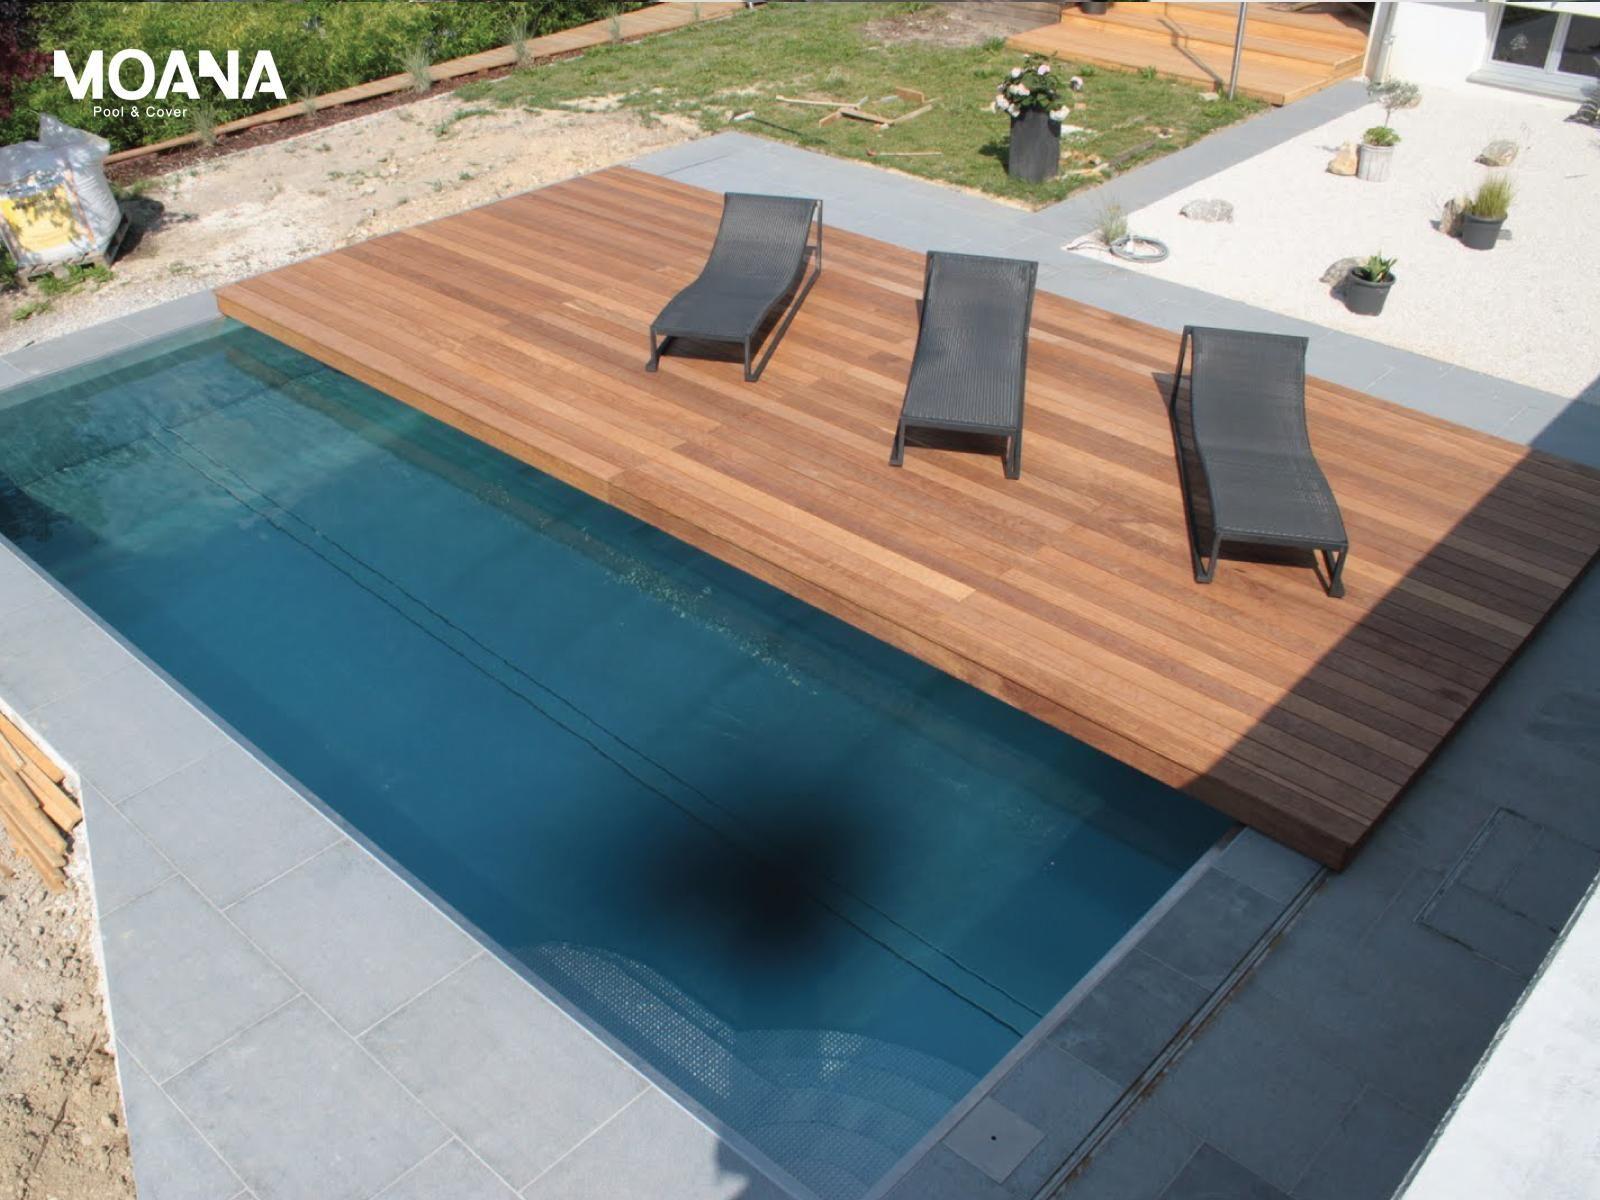 Sliding Deck Over Pool Zef Jam